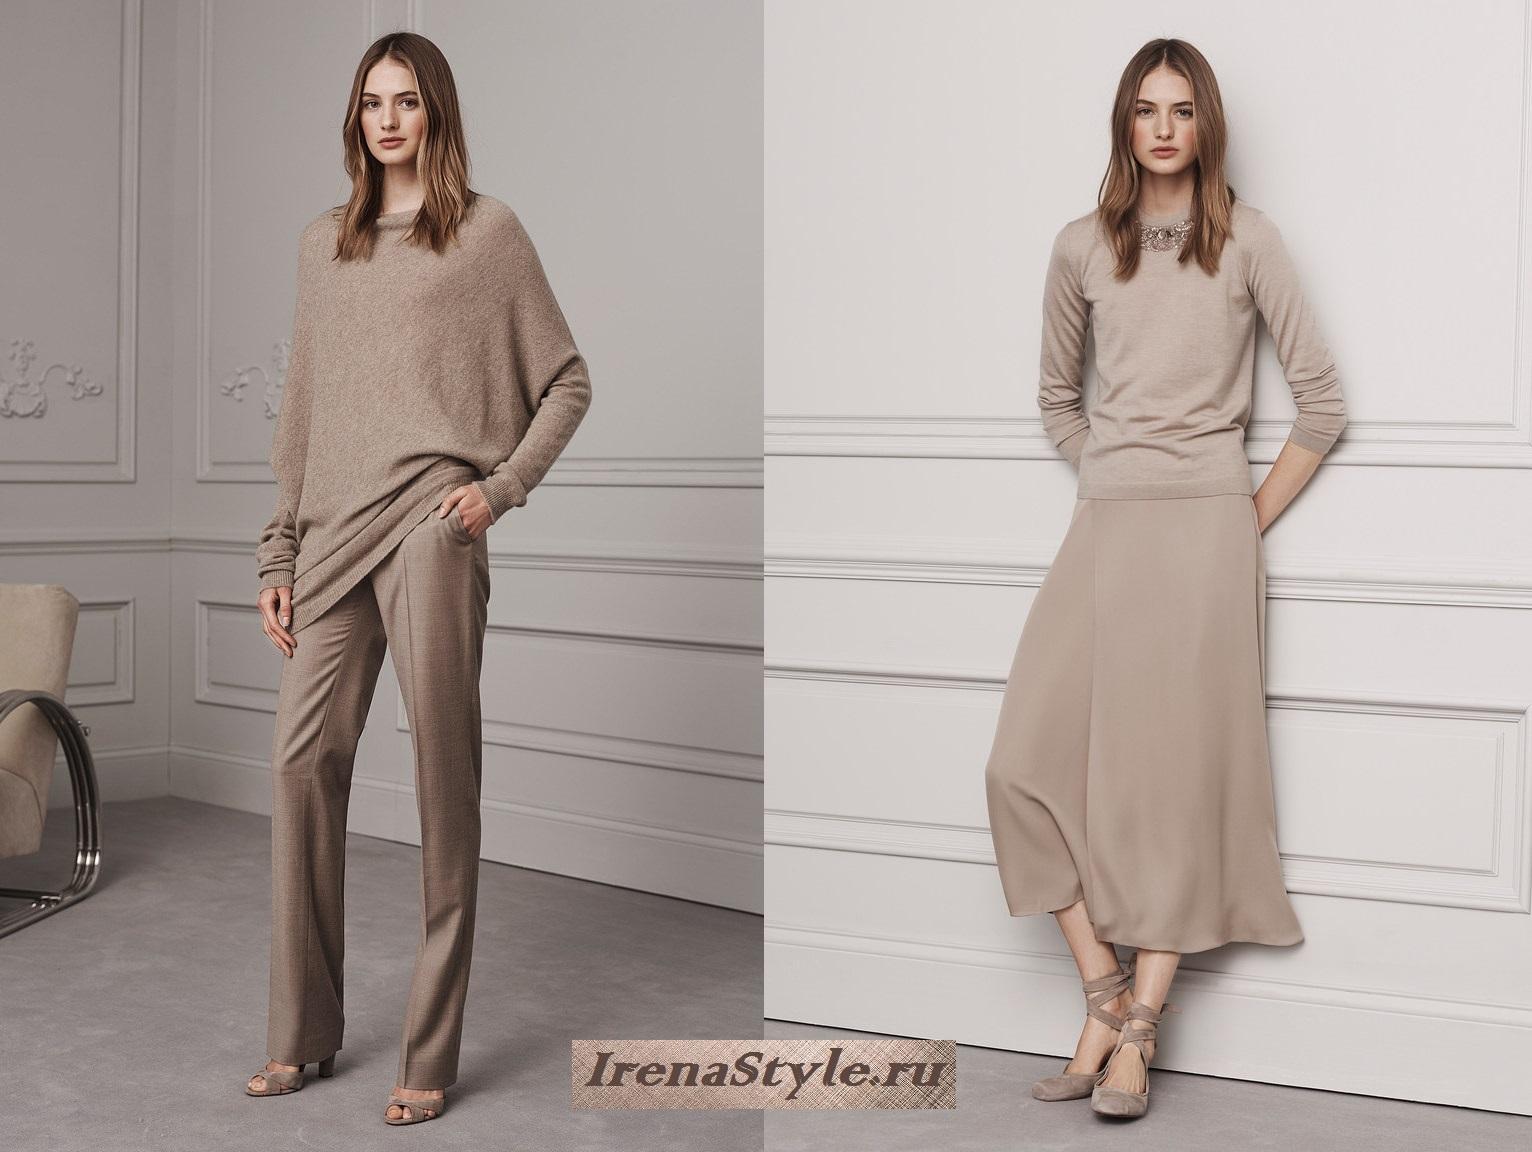 Красиві бежеві сукні. Бежеві сукні - ніжність і умиротворення м якої ... 4b2cedd7a3d5f